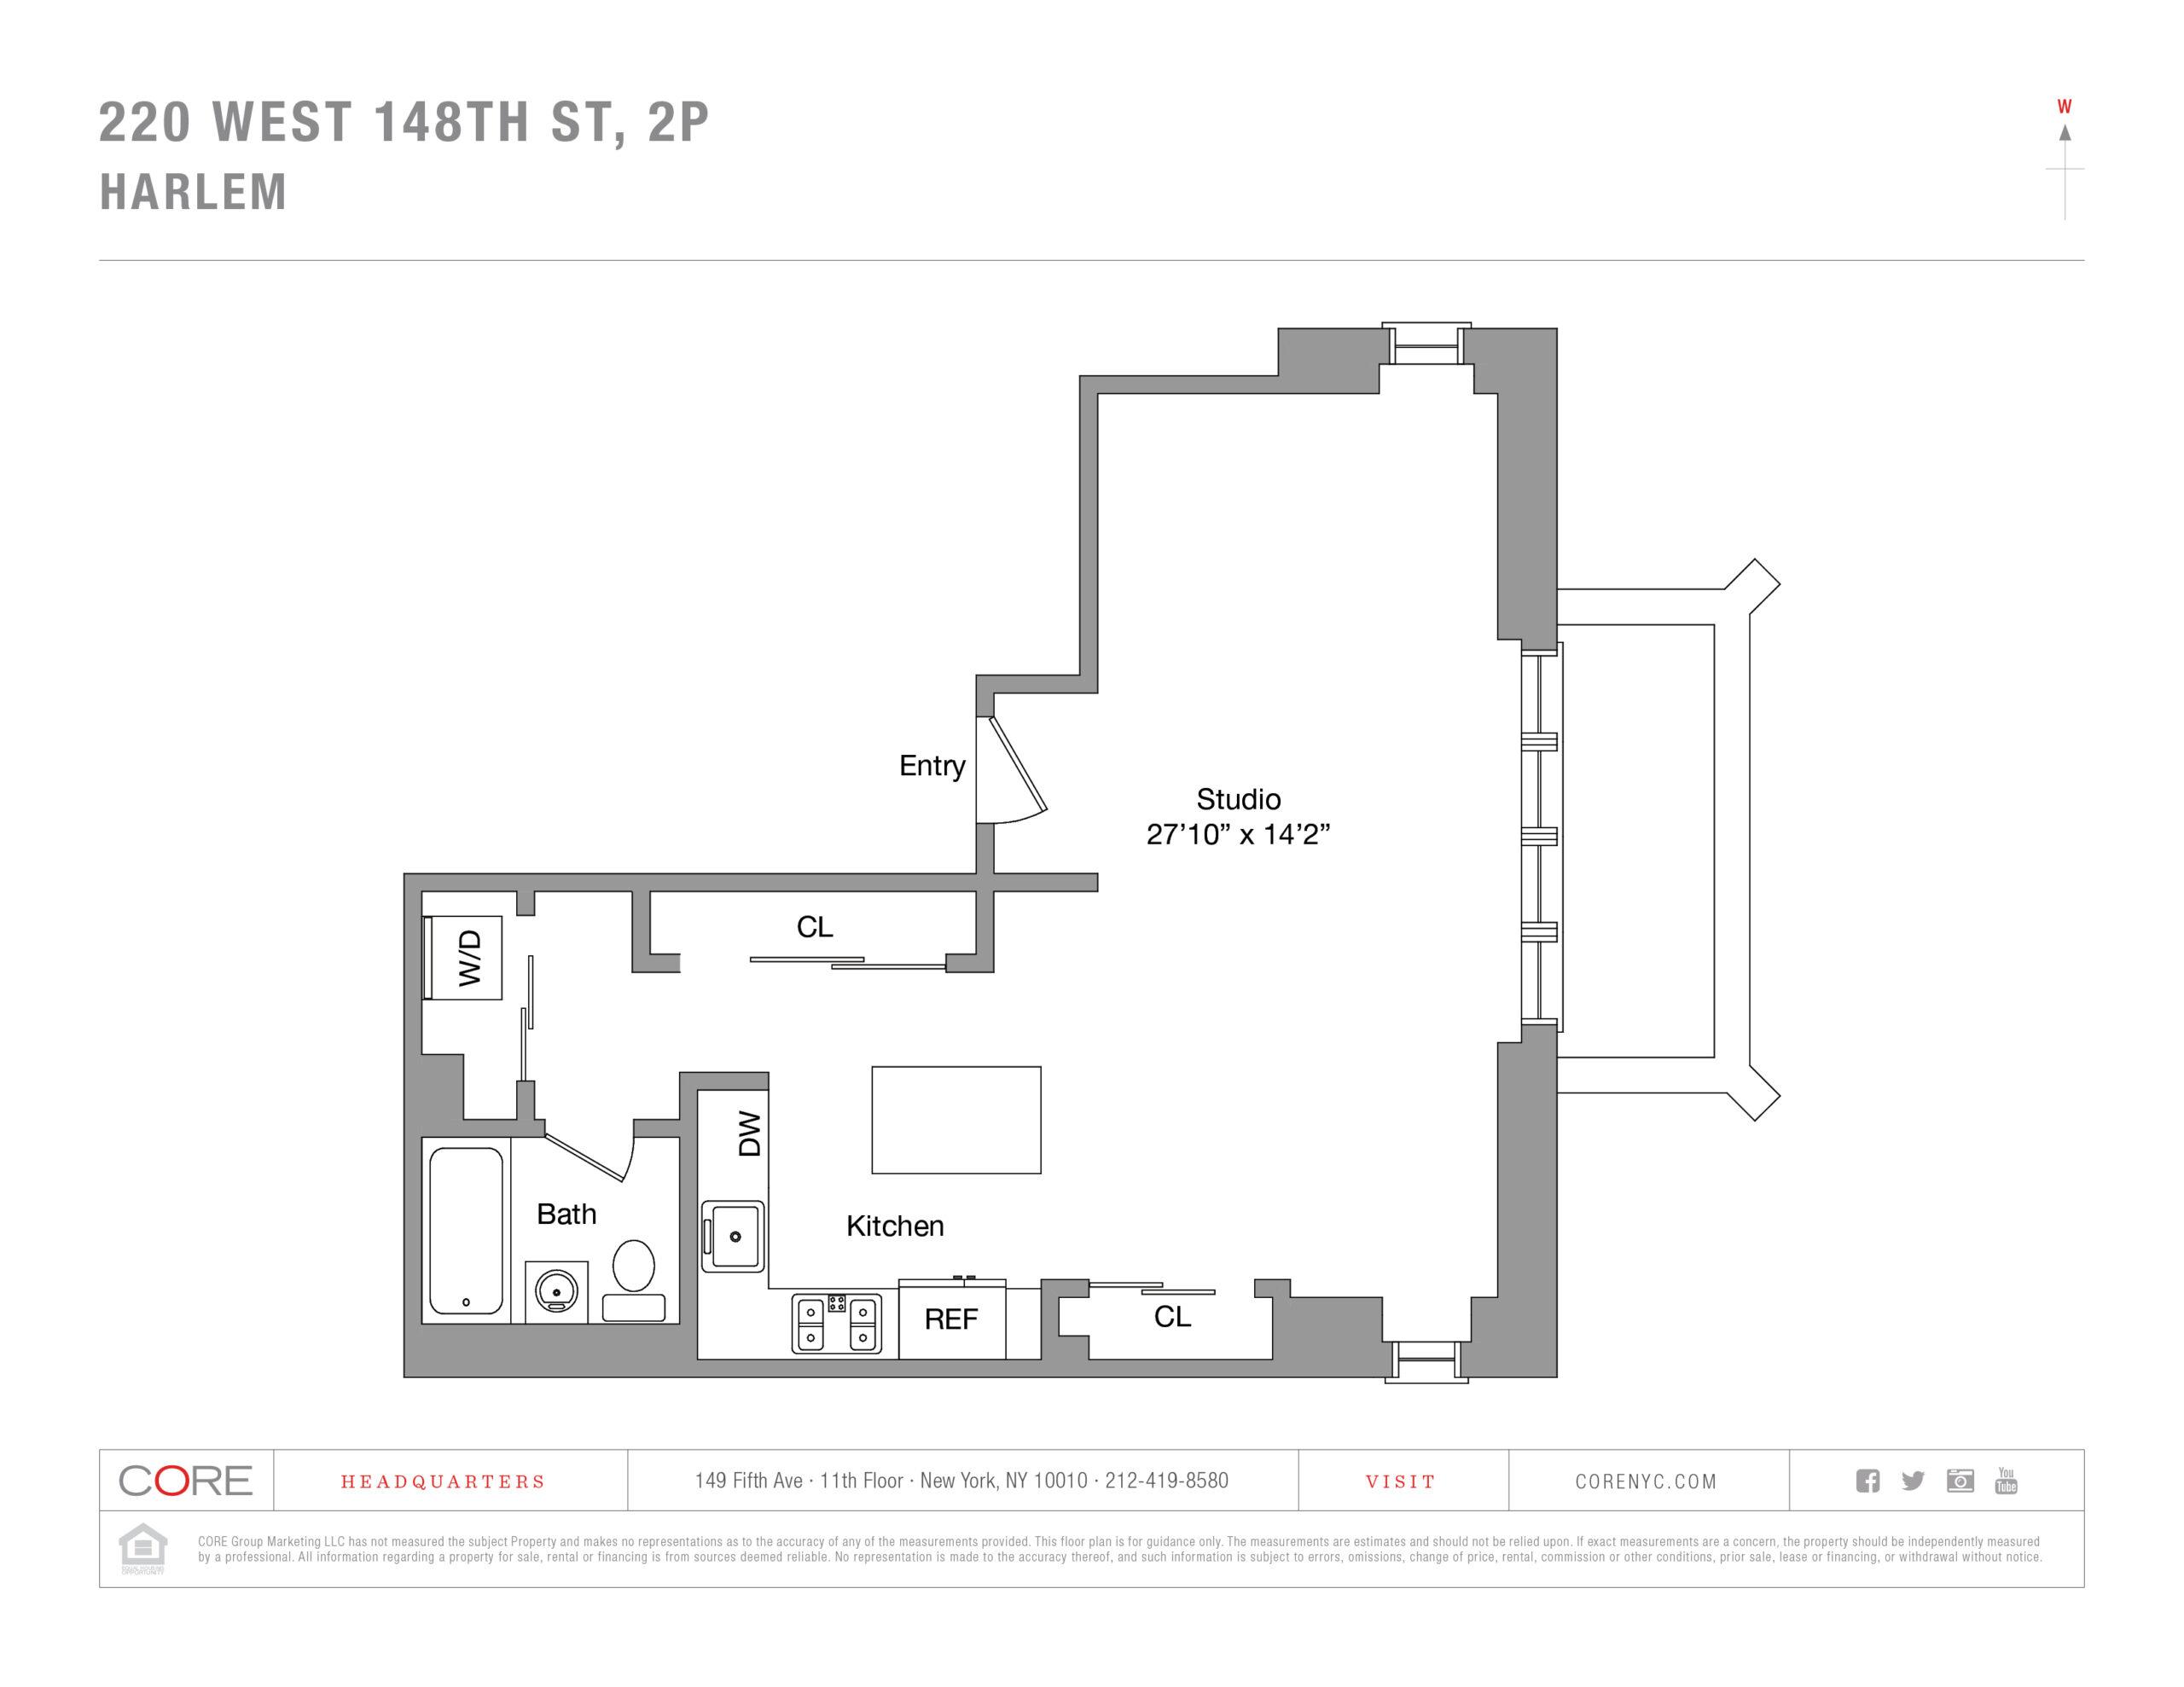 220 West 148th St. 2P, New York, NY 10039